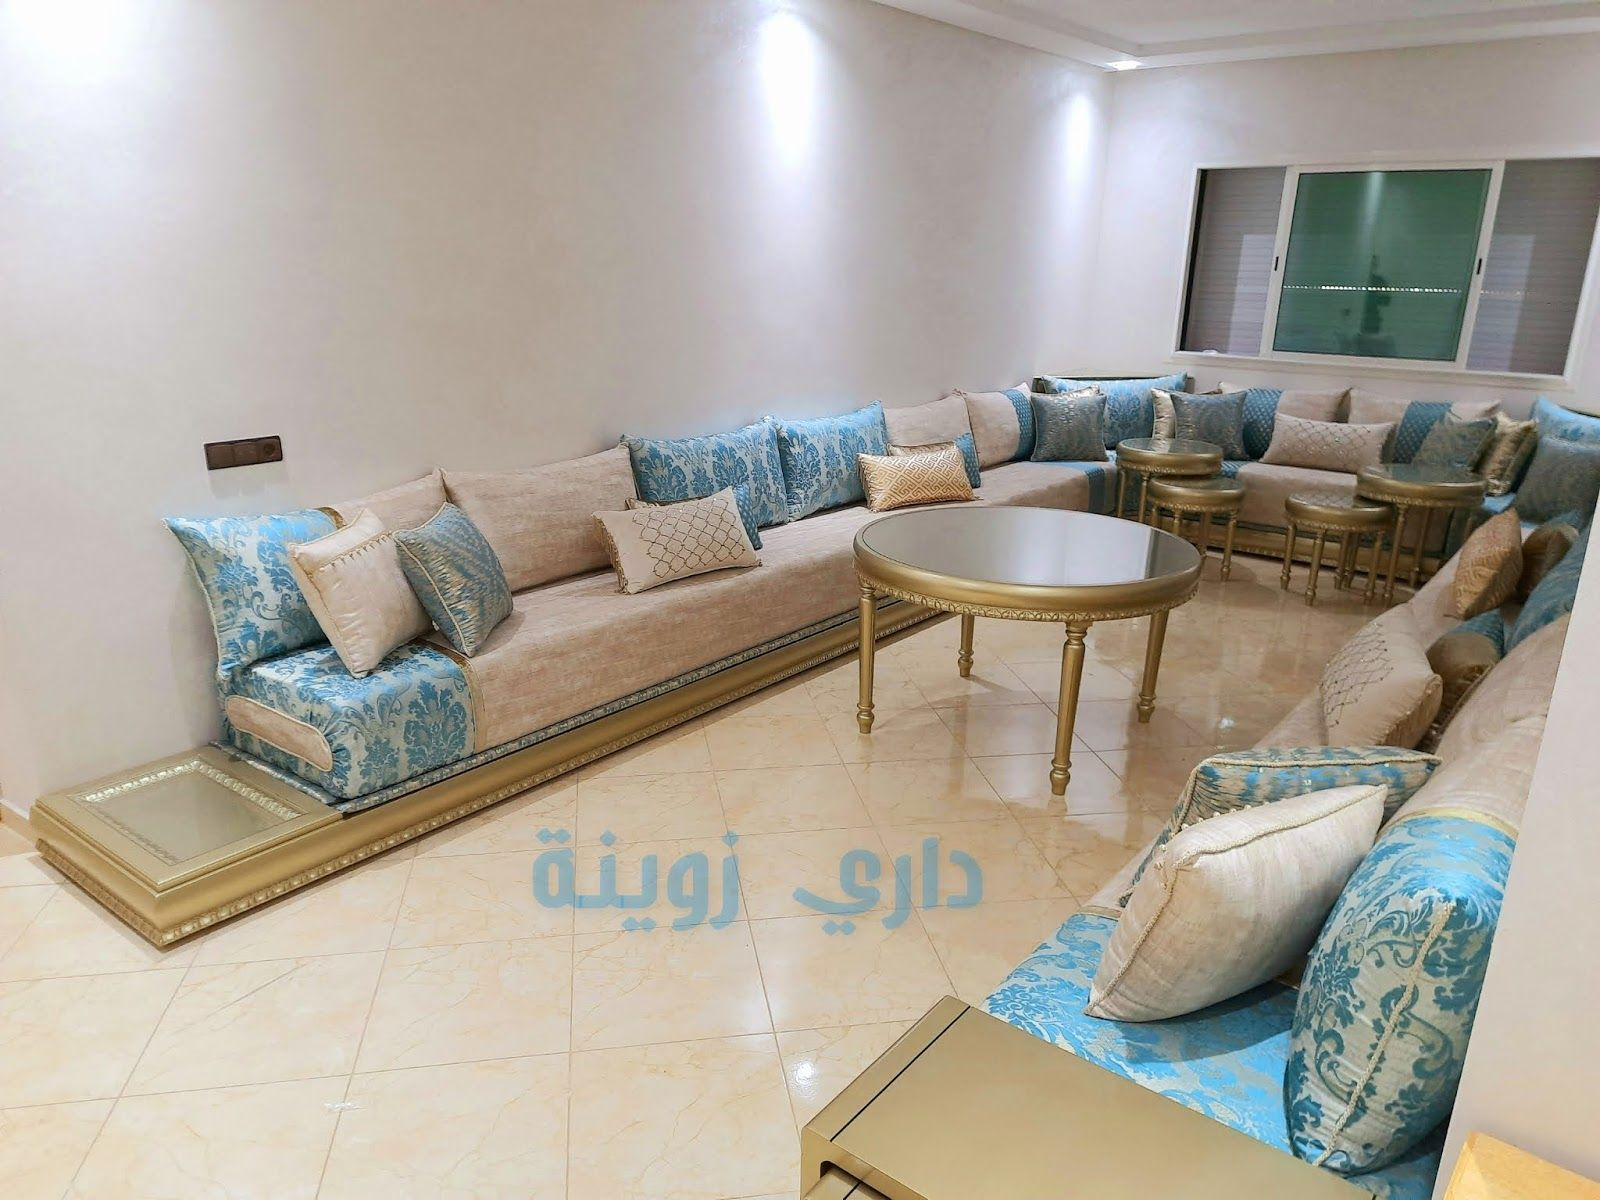 الصالون المغربي أهم القياسات للحصول على صالون مغربي بتصميم نمودجي Salons Marocain 2021 الصالون المغربي يعد من أفخم الصالونات Home Decor Sectional Couch Decor